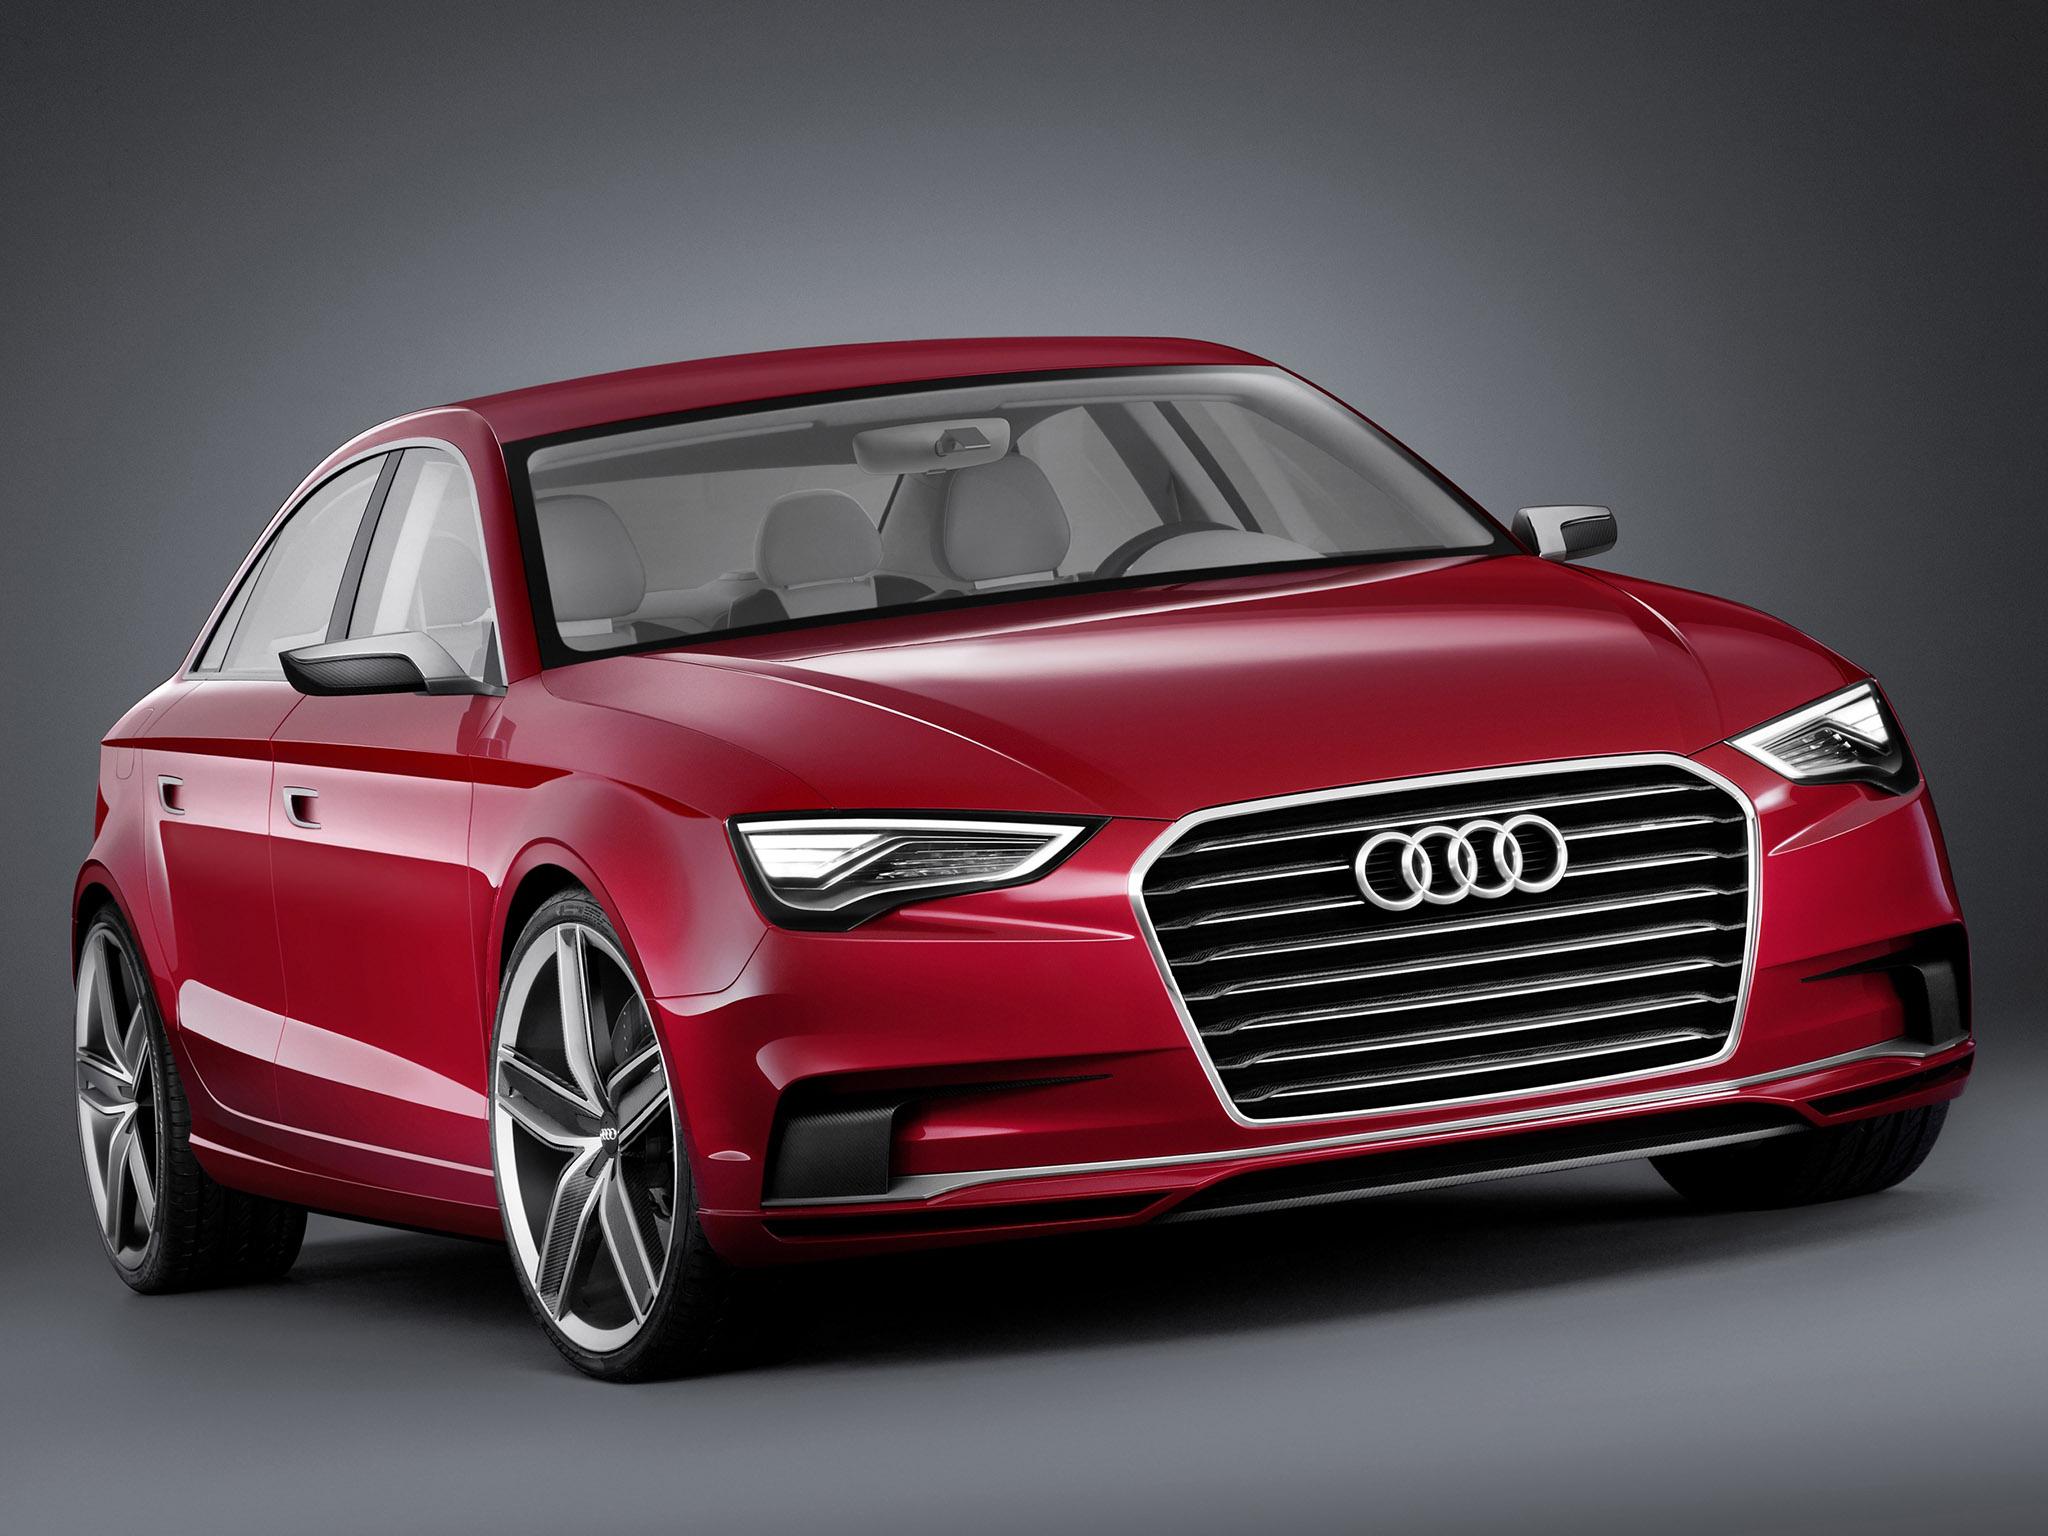 Fonds d'ecran Audi Voitures télécharger photo